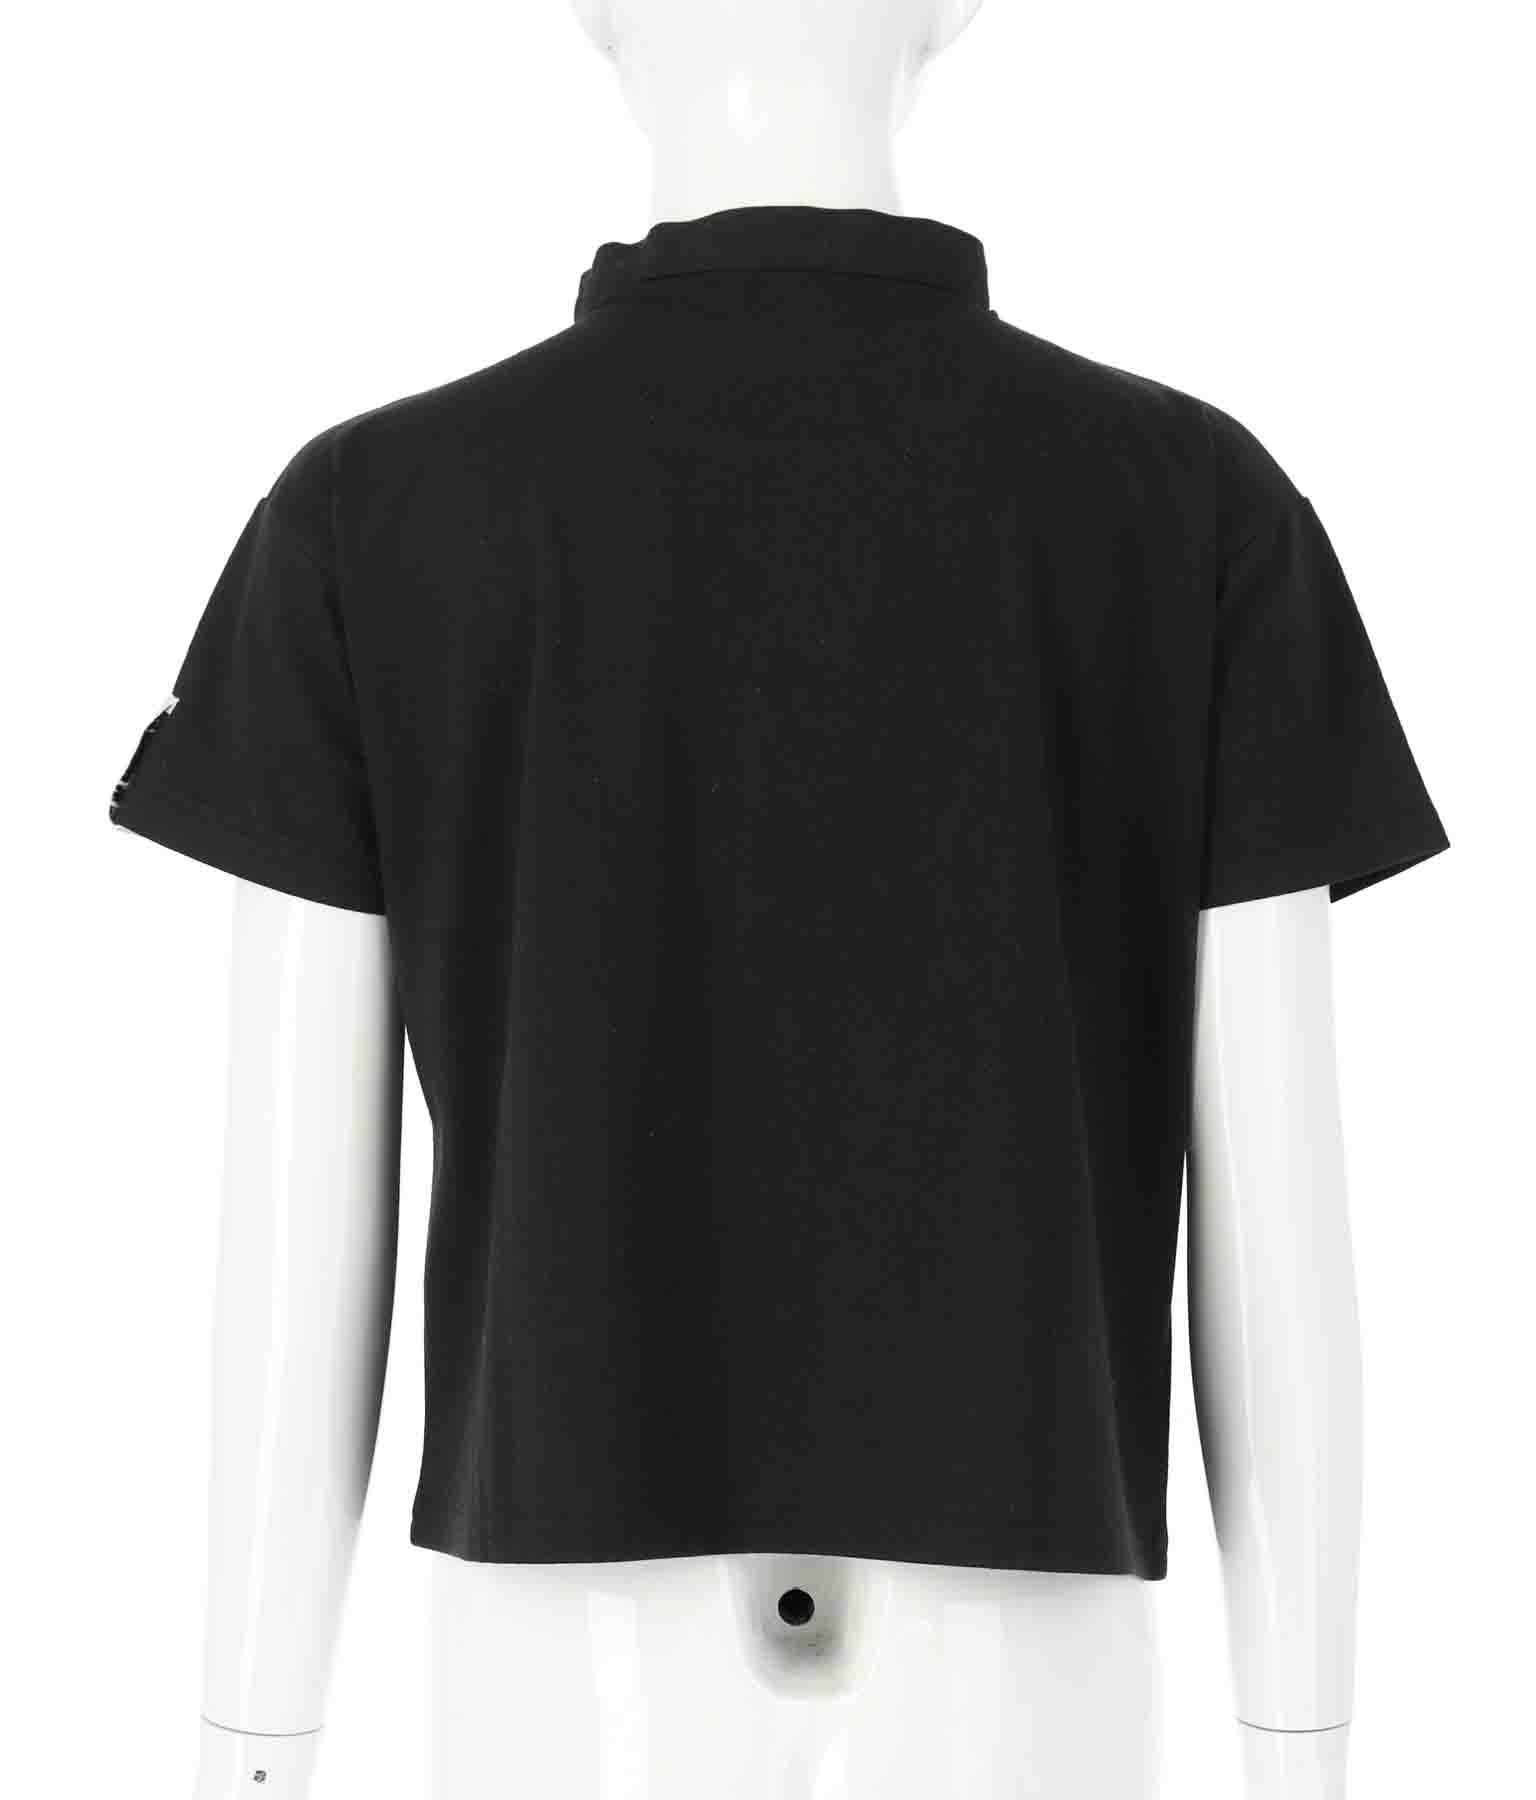 チョーカー見えトップス(トップス/Tシャツ)   ANAP GiRL